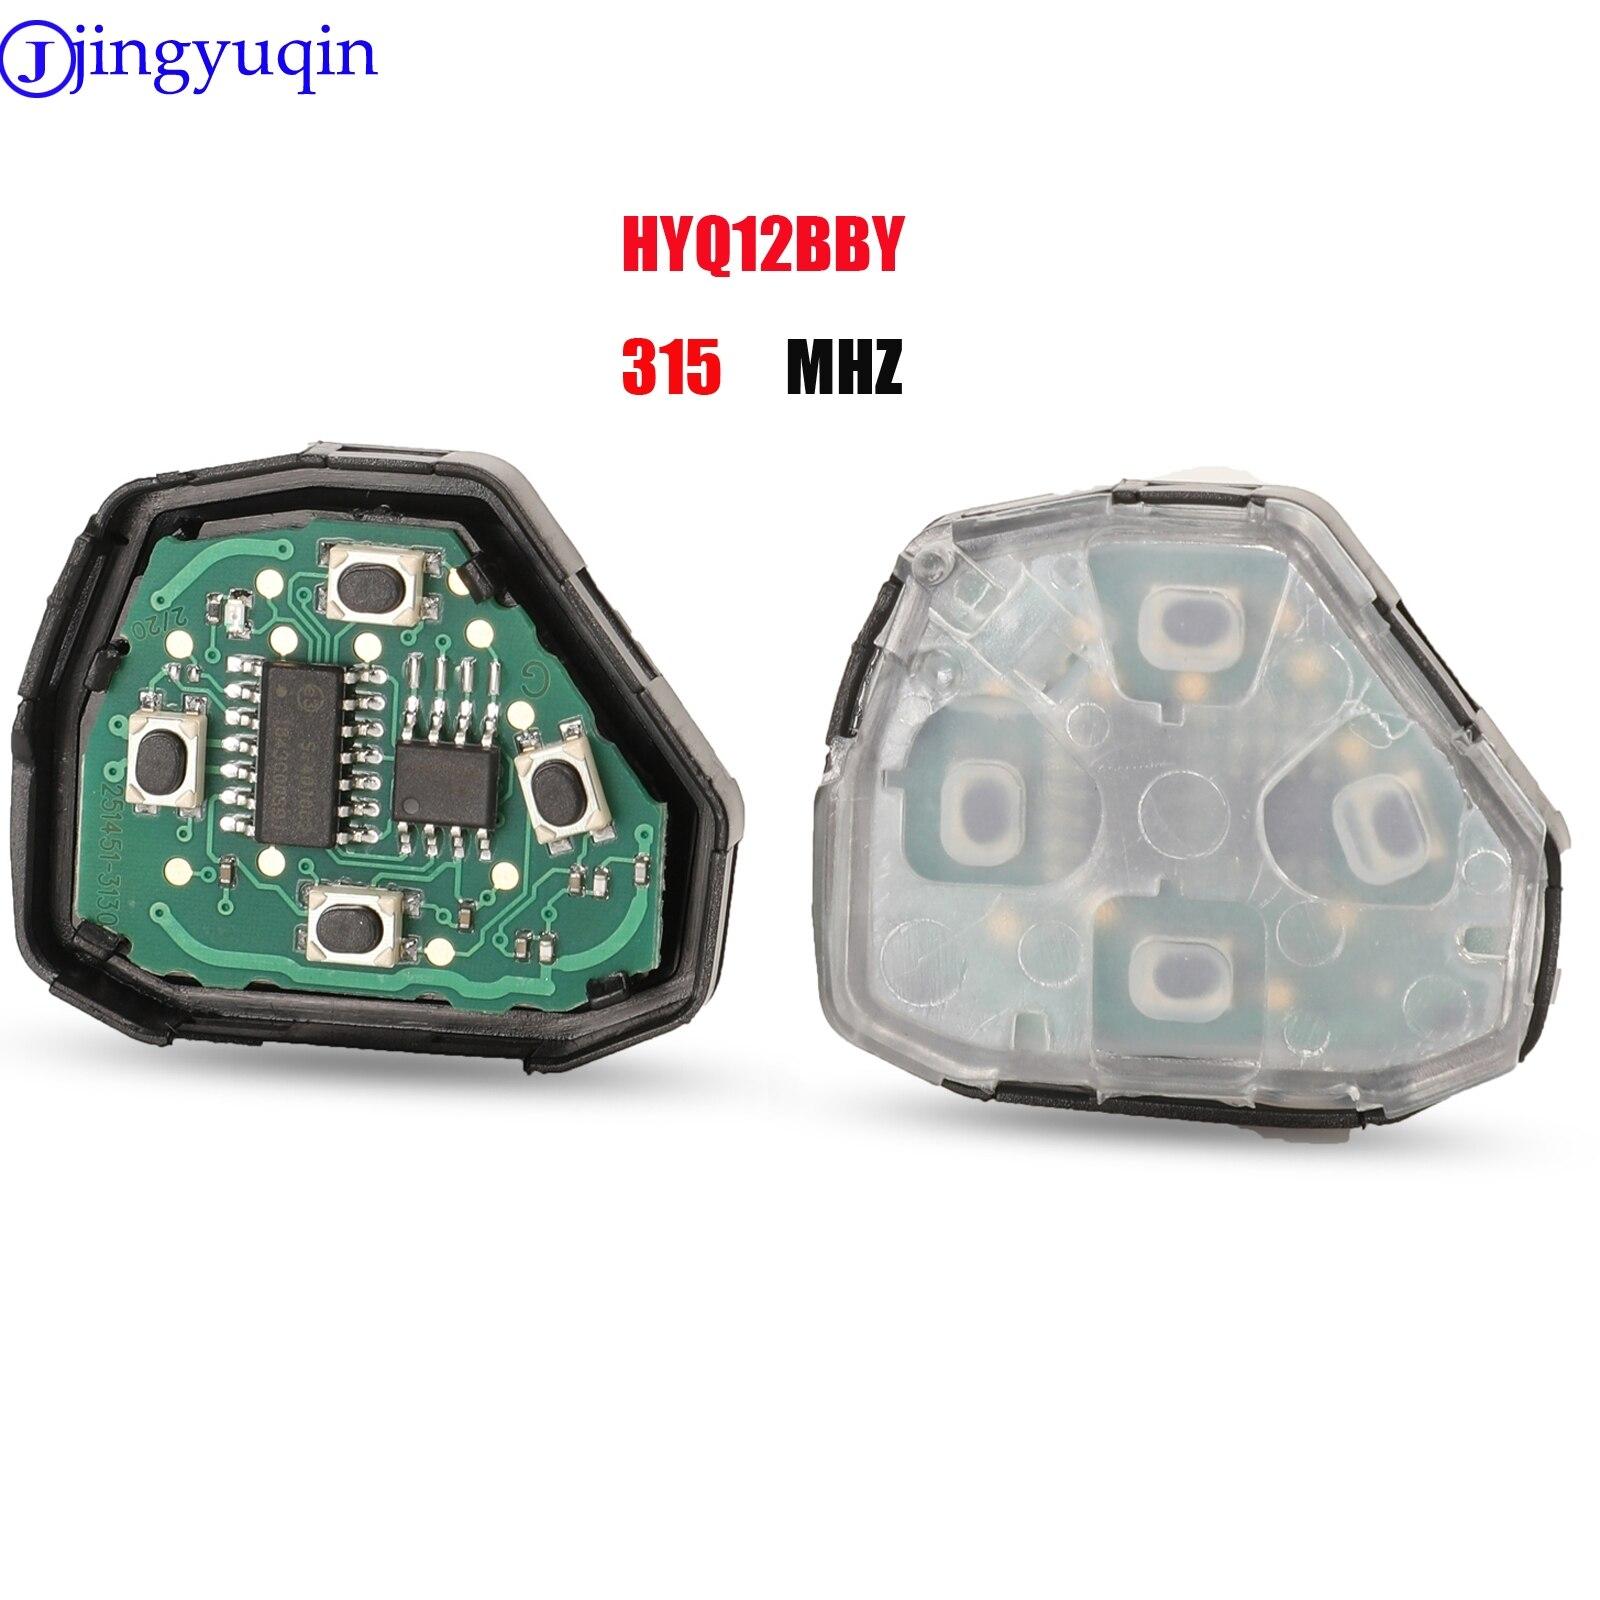 Jingyuqin – clé télécommande à assembler, noyau interne interne, 315/433MHz, pour Toyota Camry Corolla Prado RAV4 Vios Hilux Yaris